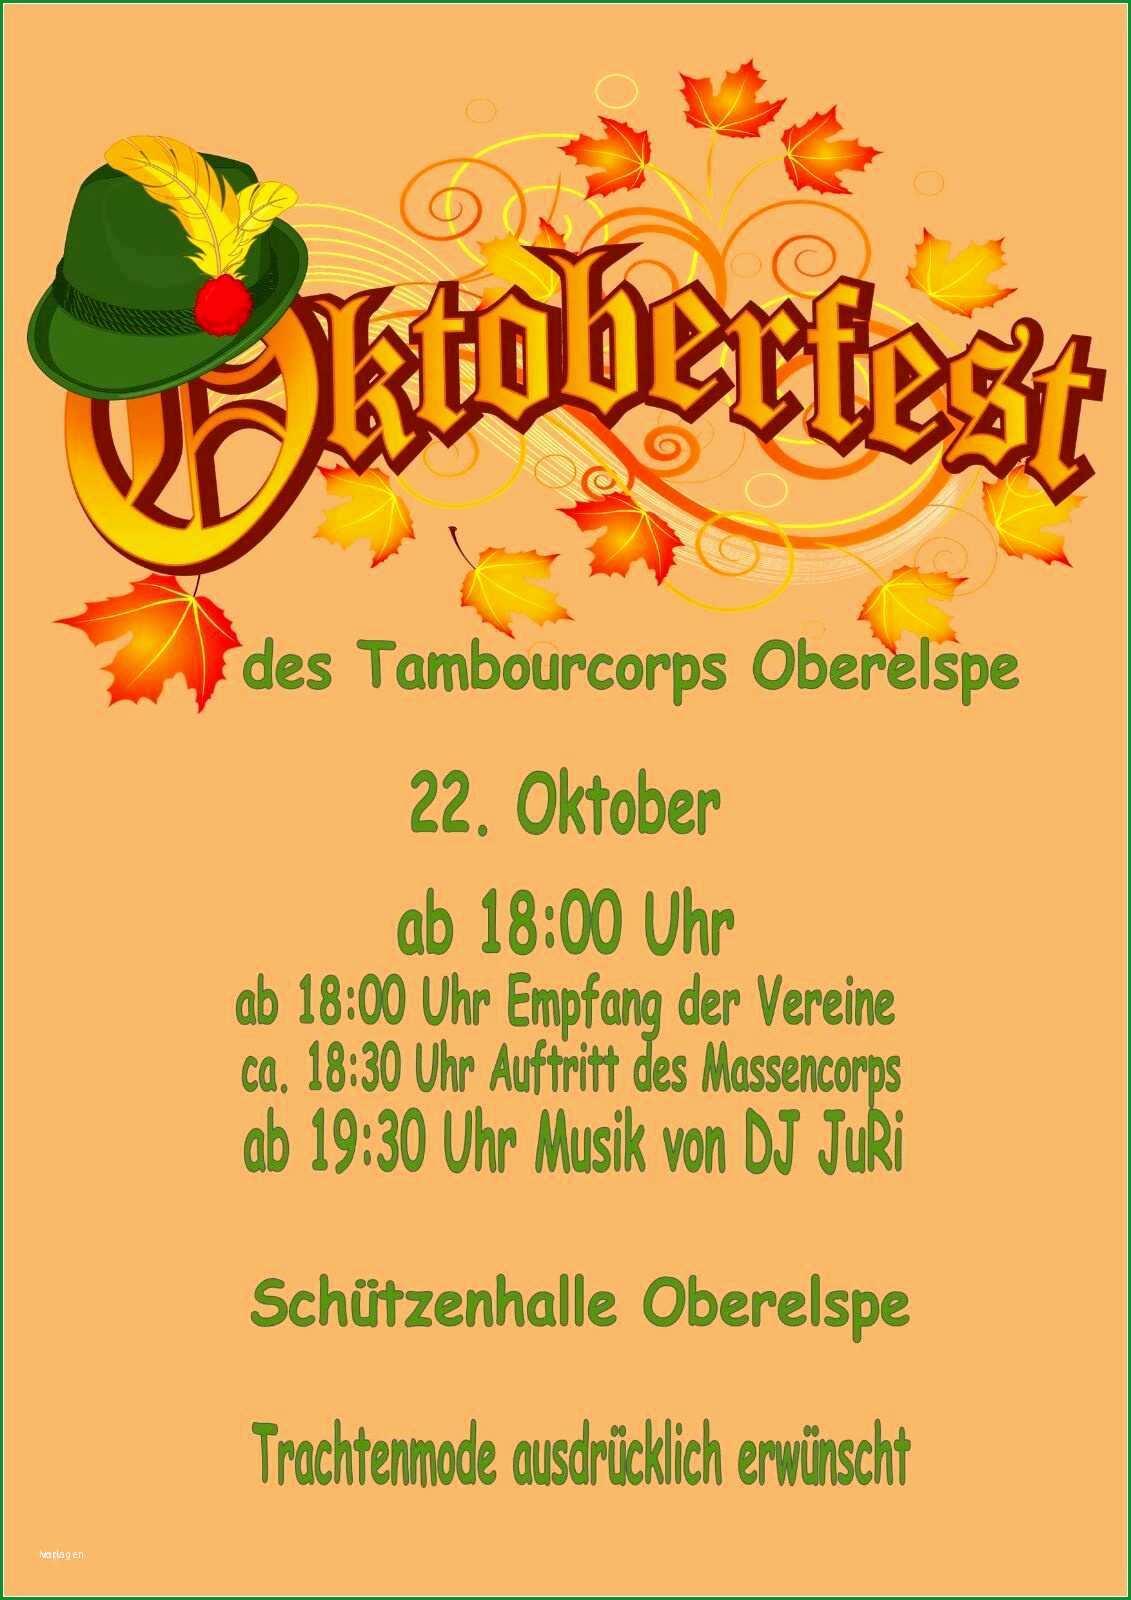 einladung oktoberfest vorlage frisch antik einladung oktoberfest vorlage wantedforwarcrimes